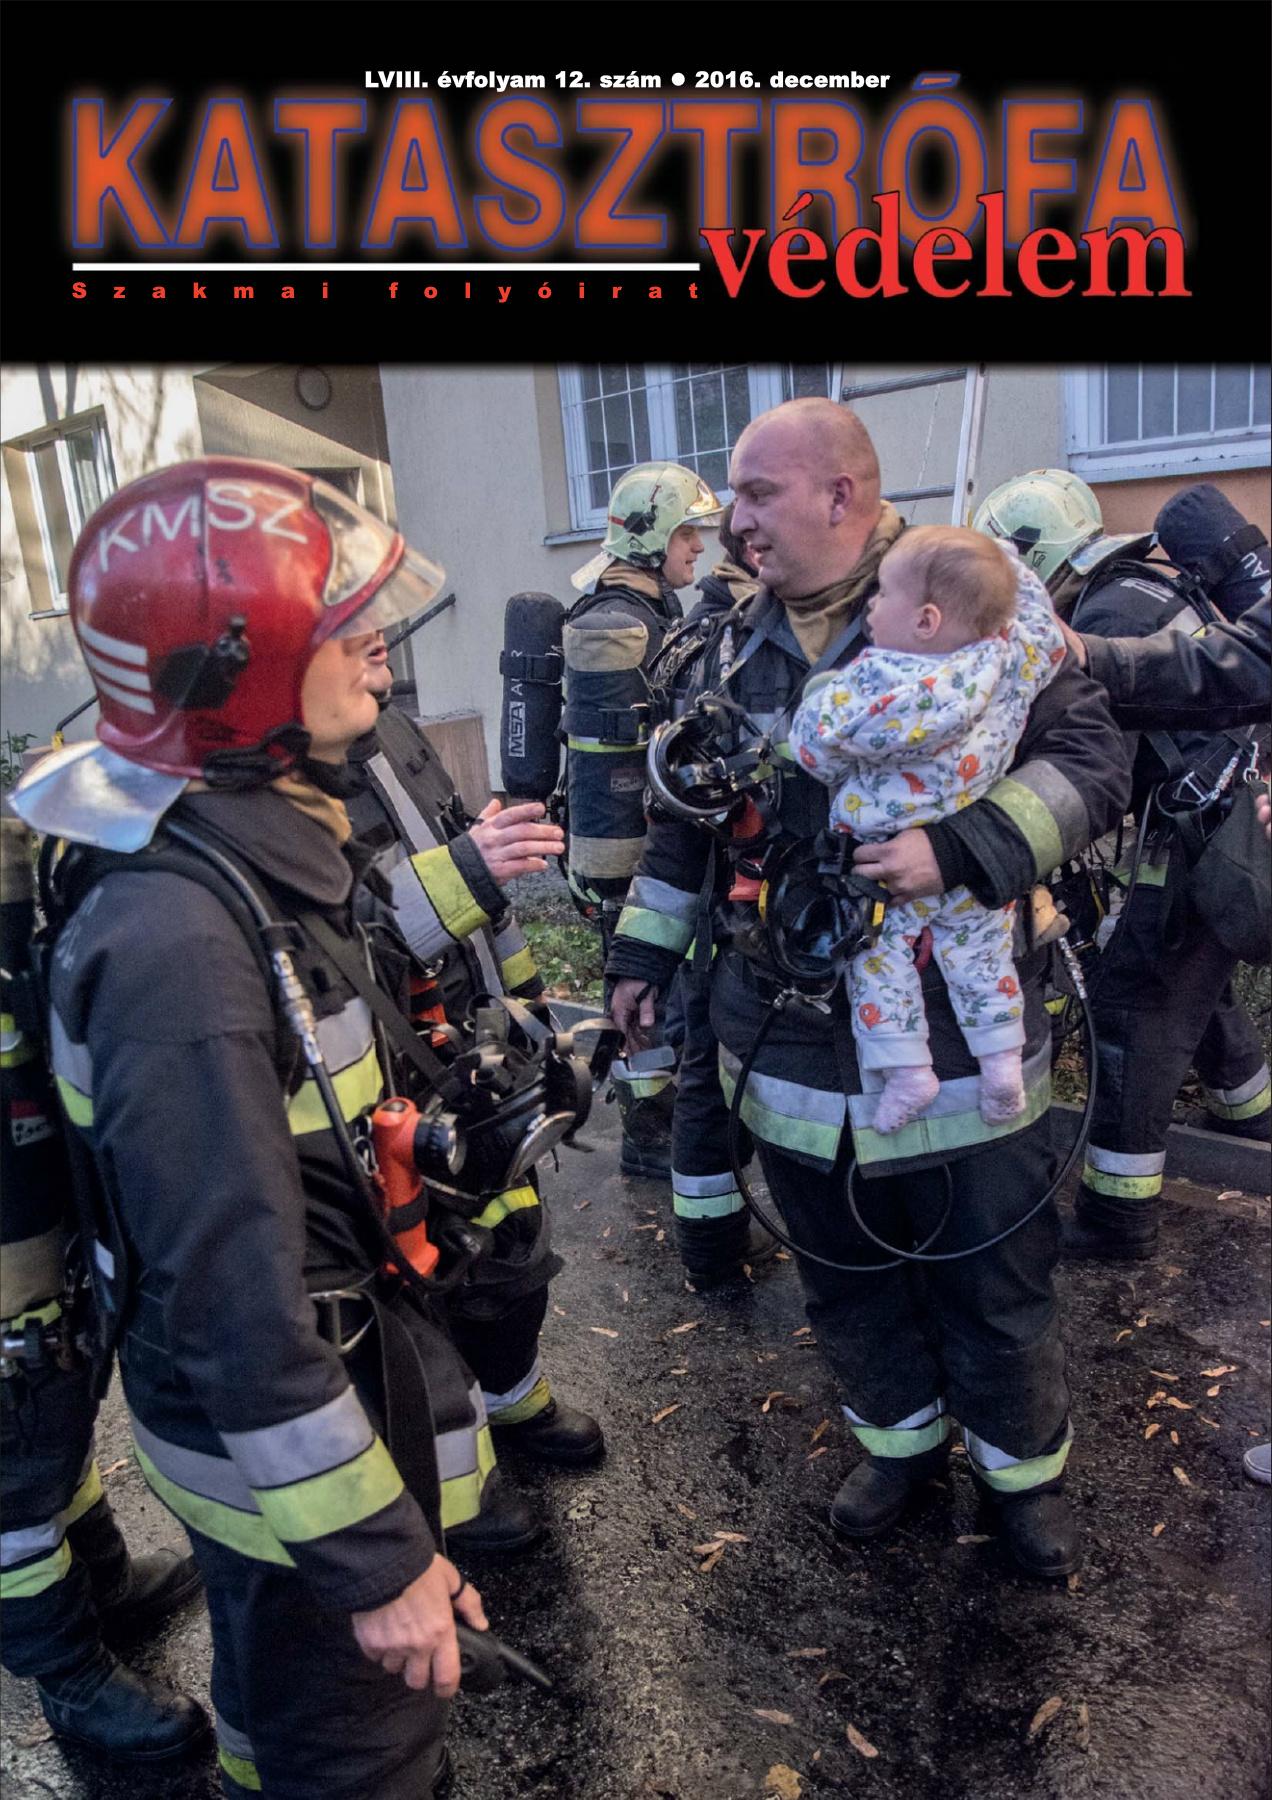 A Katasztrófavédelem magazin LVIII. évfolyam 12. szám megtekintése